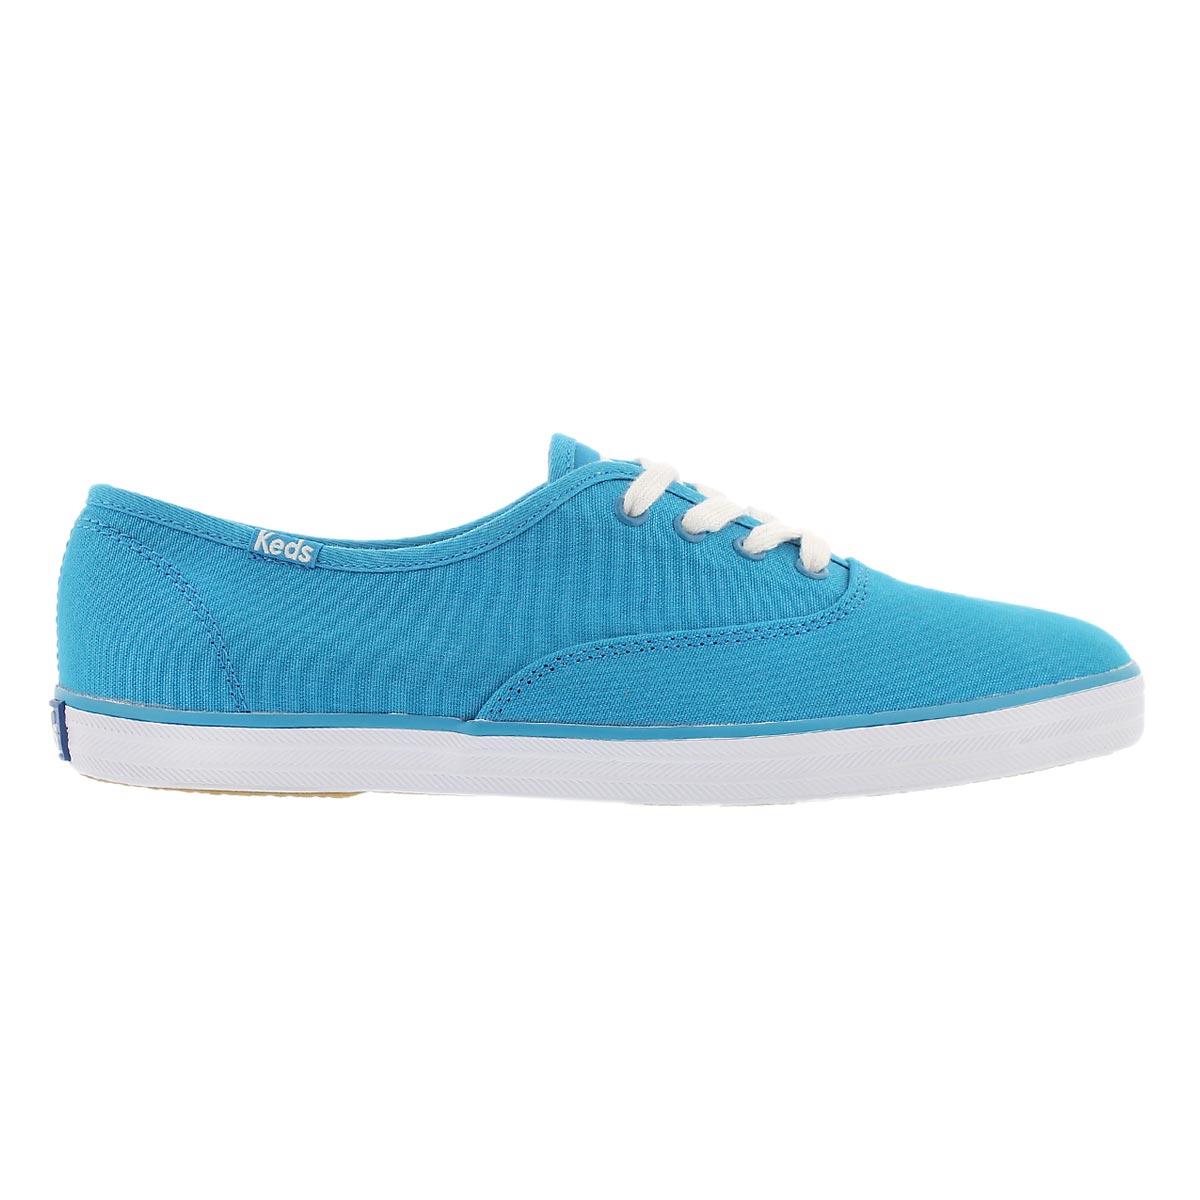 Lds Champion vivid blue canvas sneaker